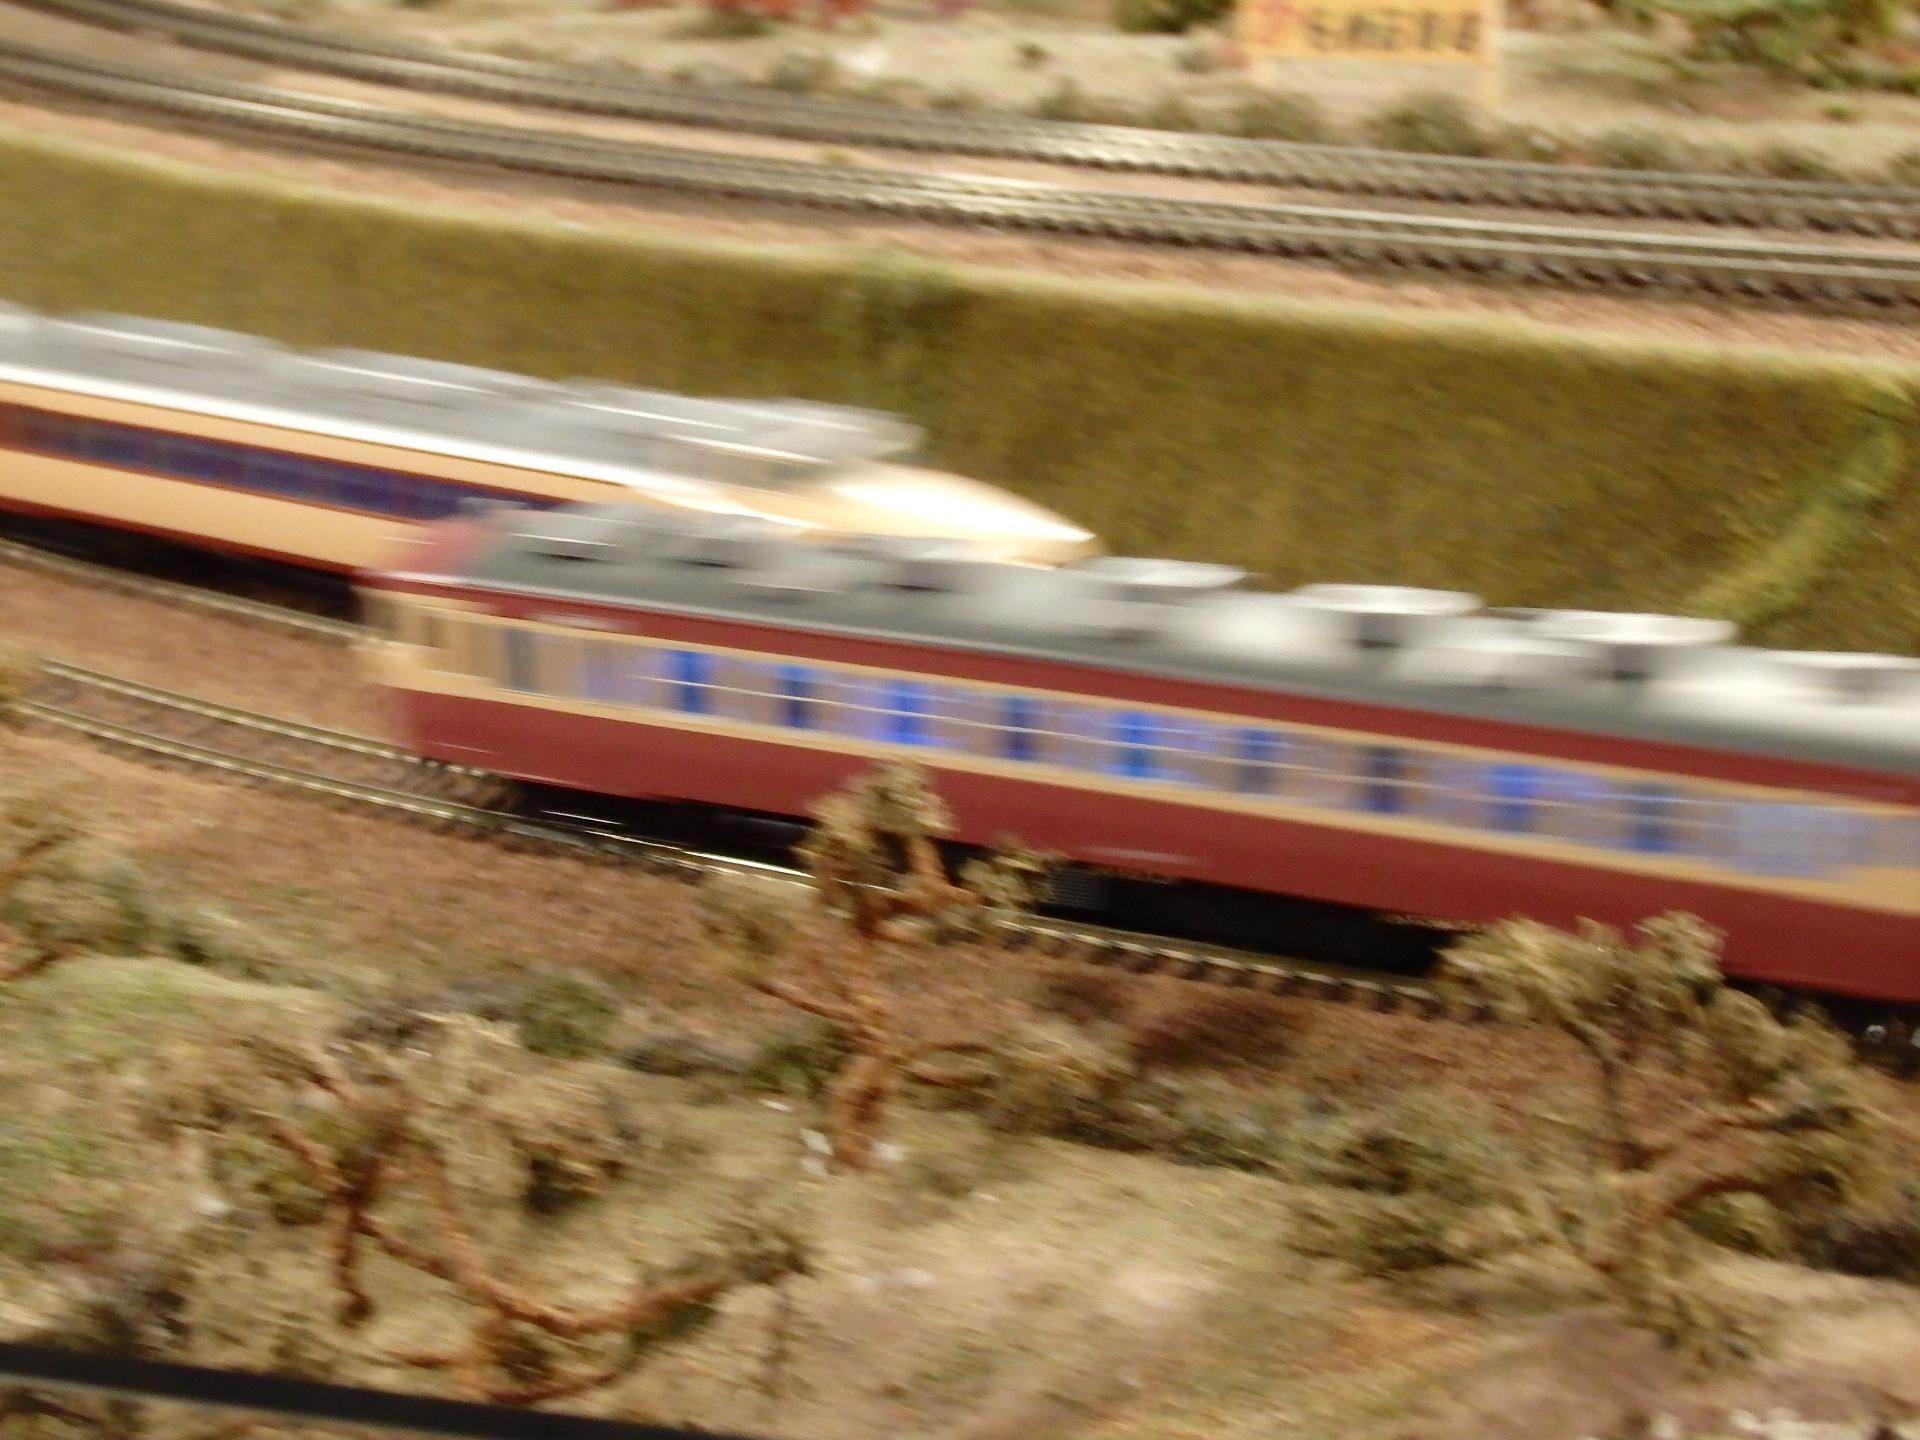 485系特急ボンネットと457系急行の離合です。